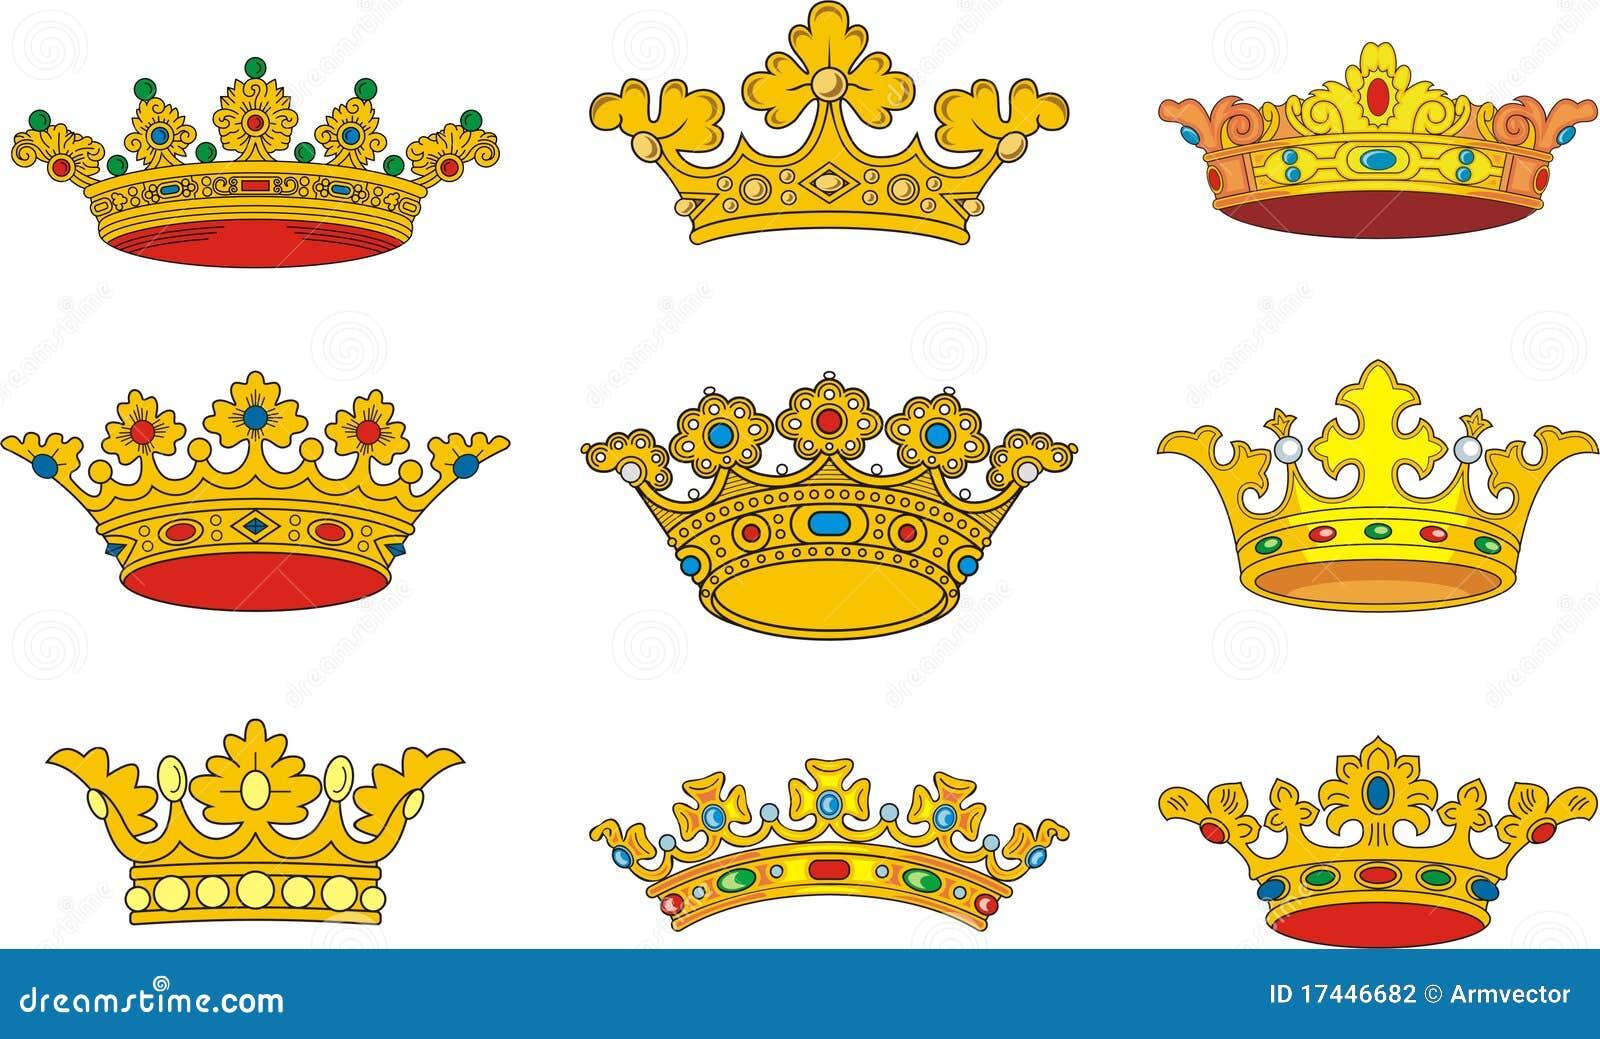 Englisch aufsatz einleitung - Englisch krone ...